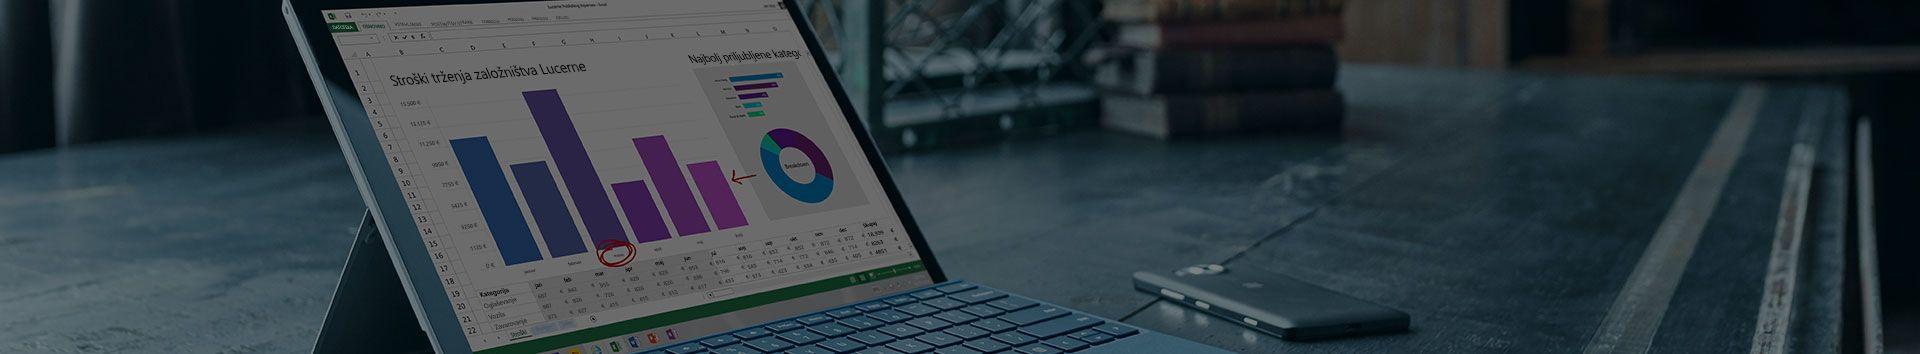 Microsoftovem tabličnem računalniku Surface je v Microsoft Excelu prikazano poročilo o izdatkih